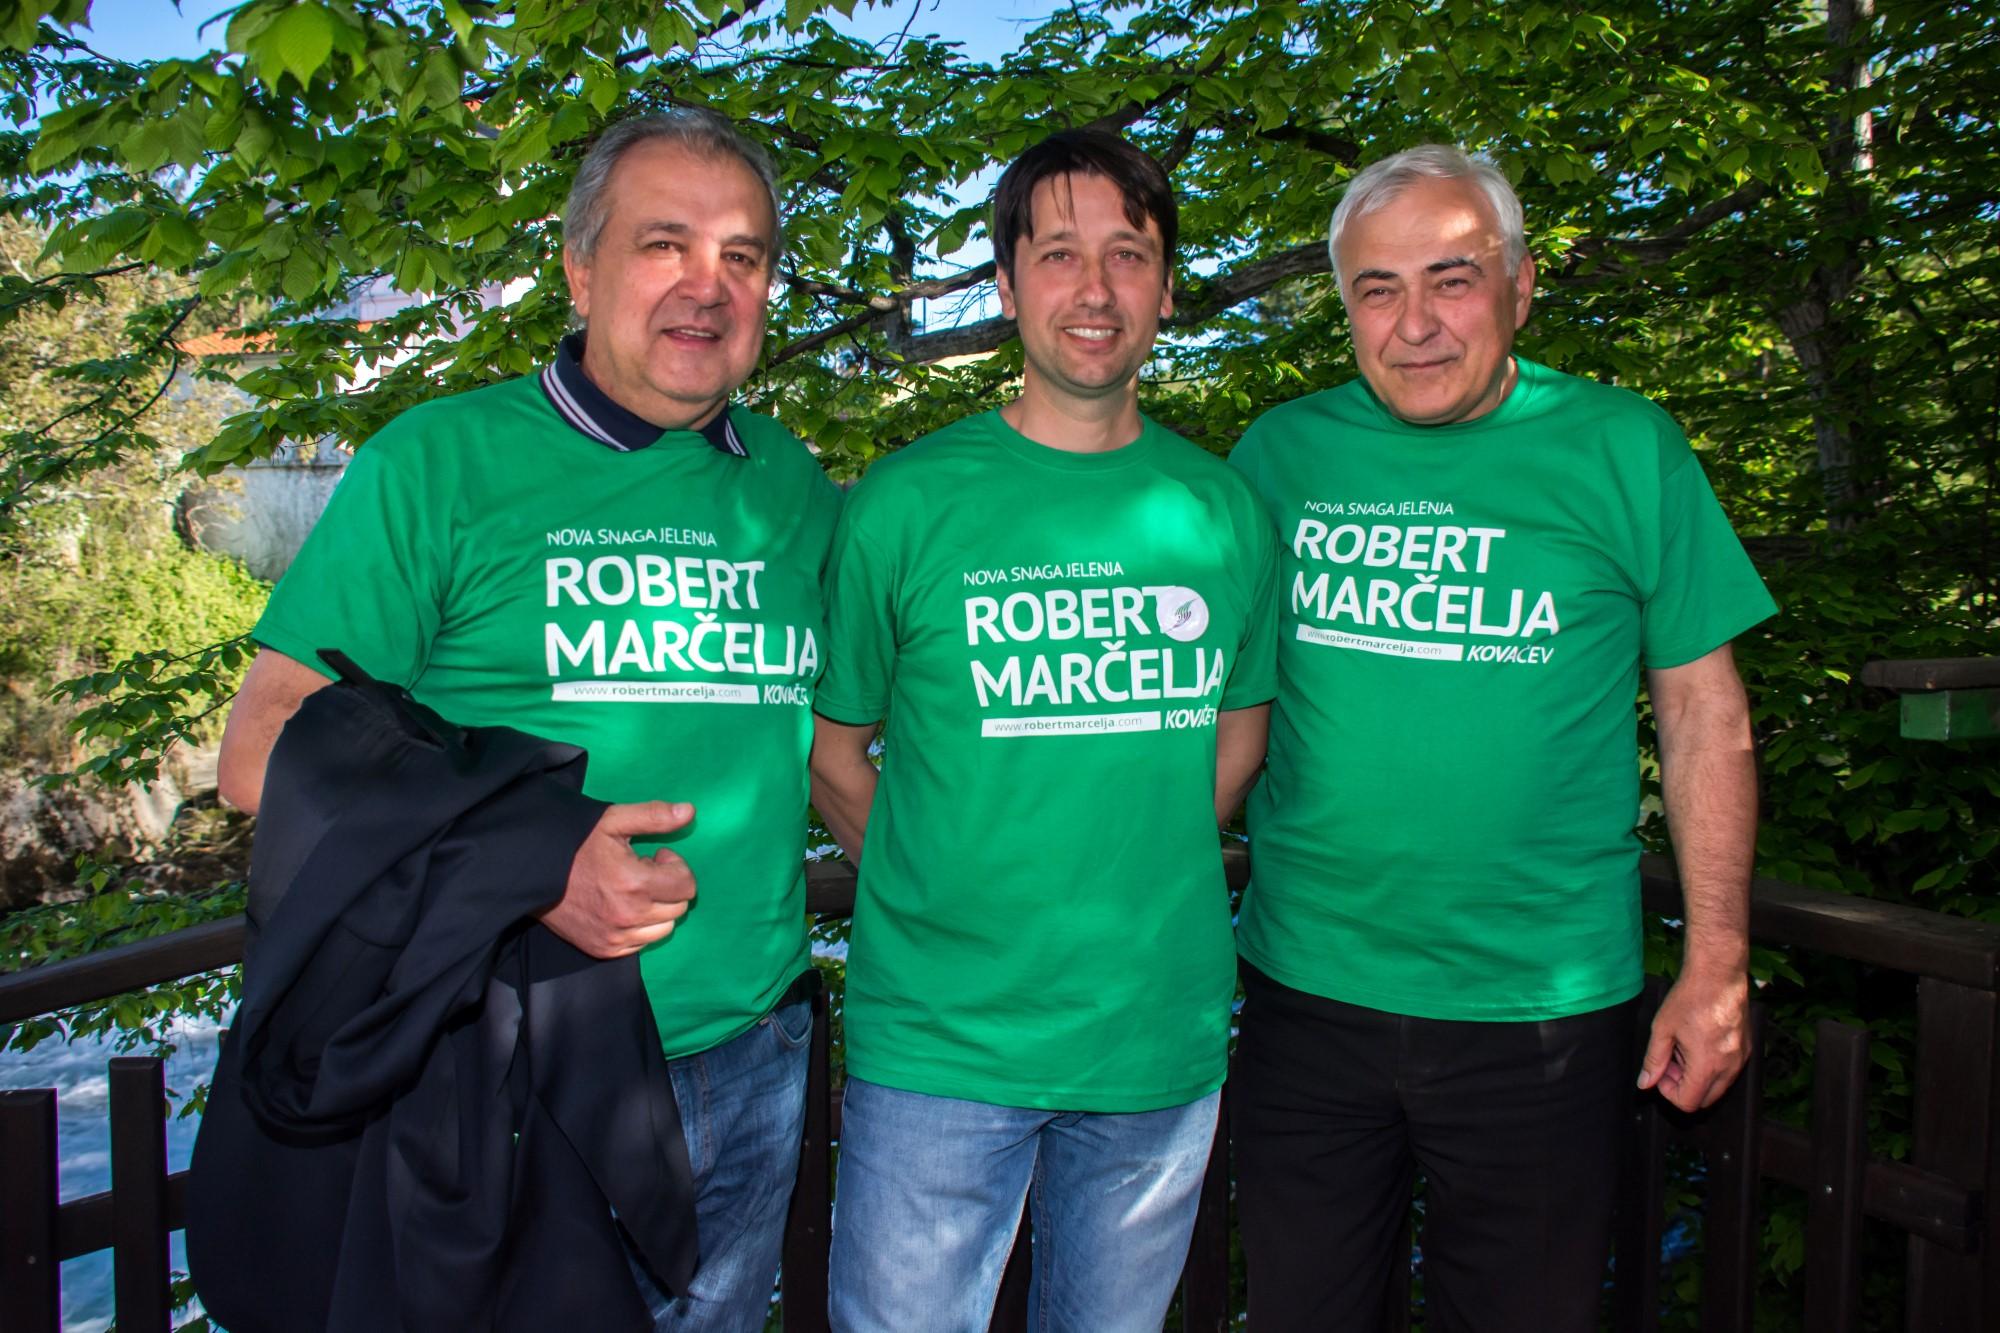 Robert Marčelja predstavio svoj tim u Gašparovom mlinu